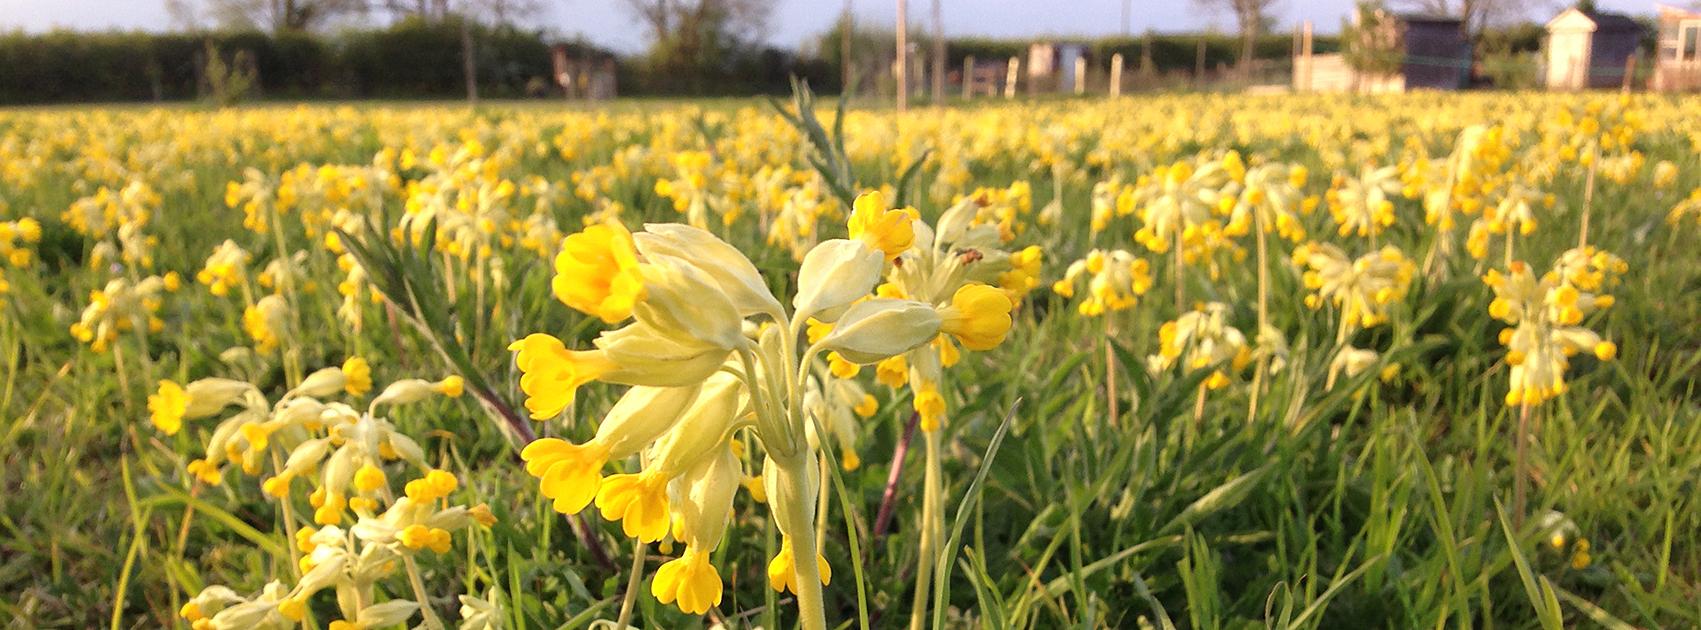 A flower in a field. A flower in a field of grass.